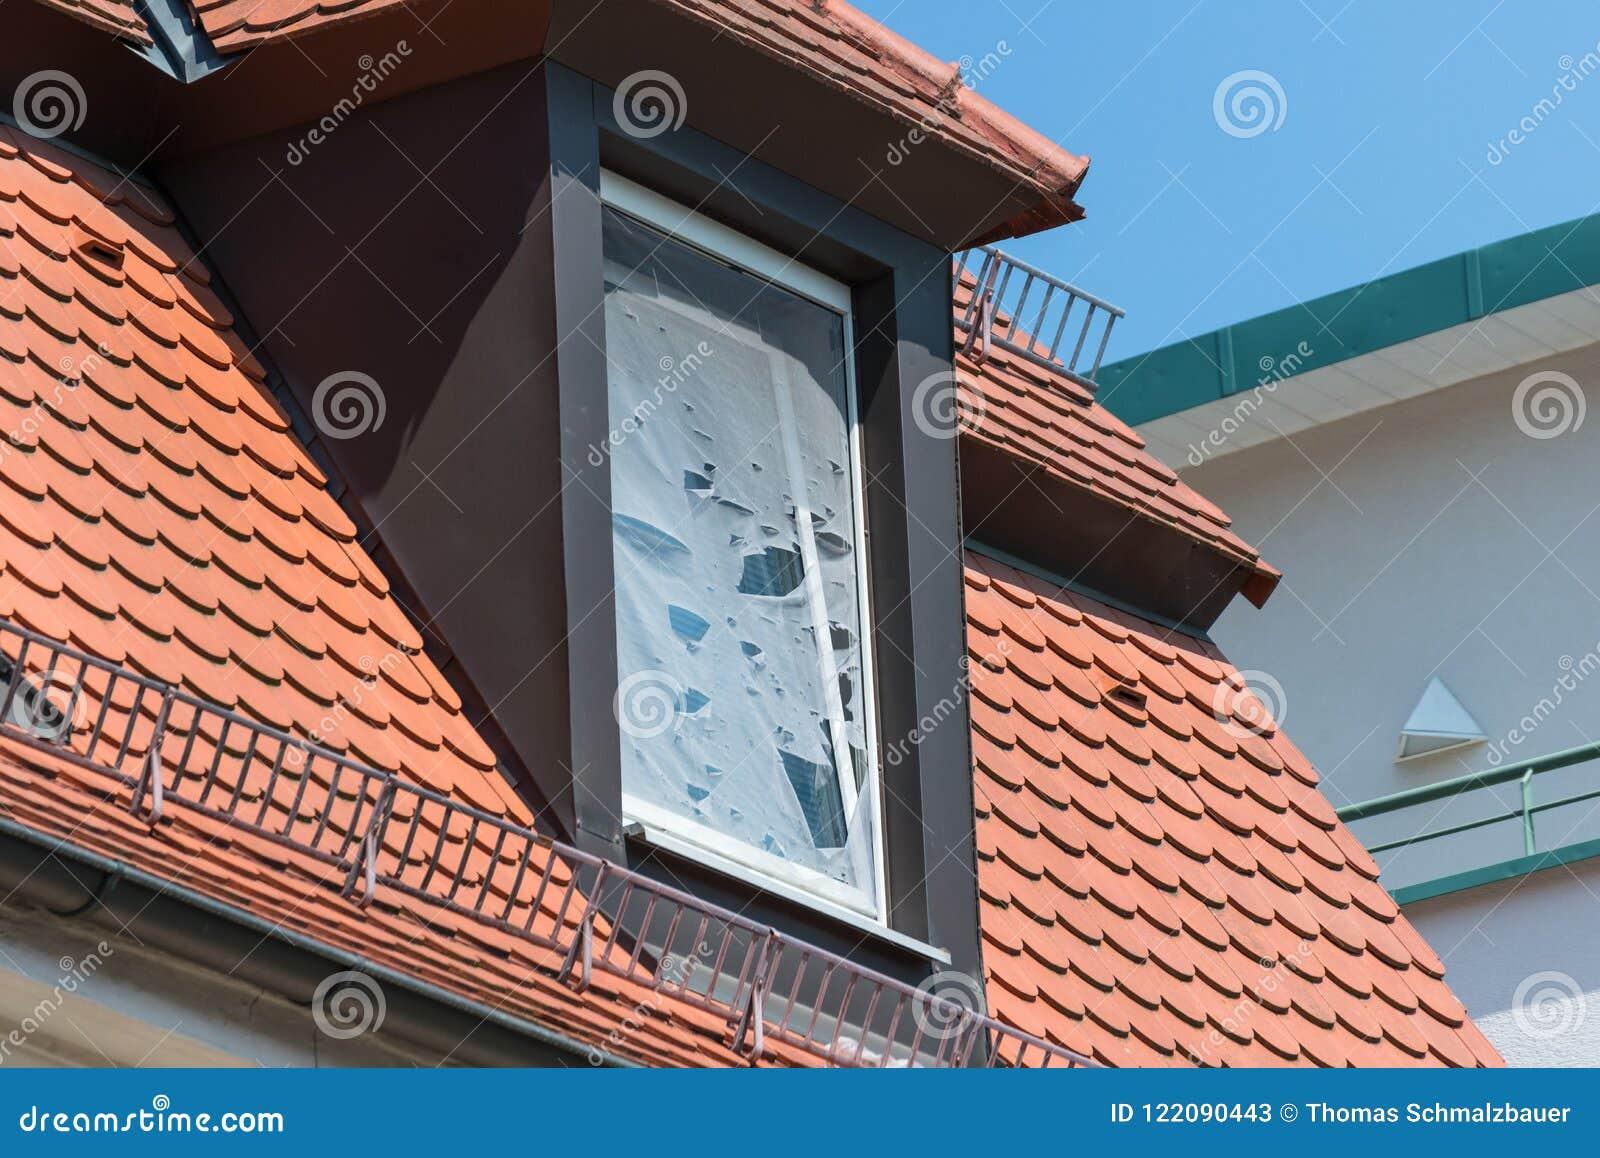 Broken fly screen on a roof window